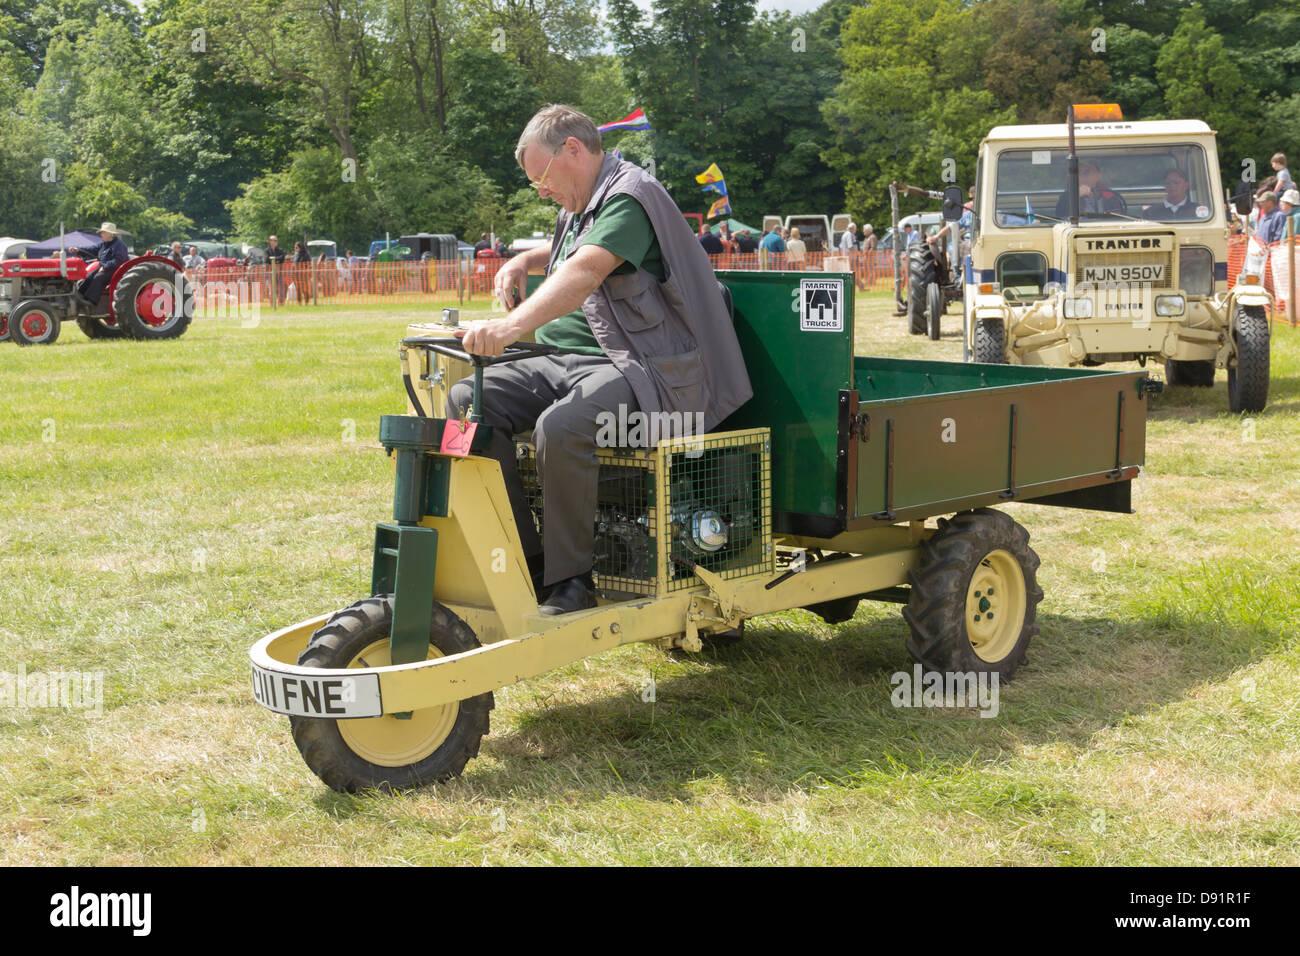 Carrello Da Giardino Usato : Un camion martin bonsar tre utilità delle ruote del carrello un